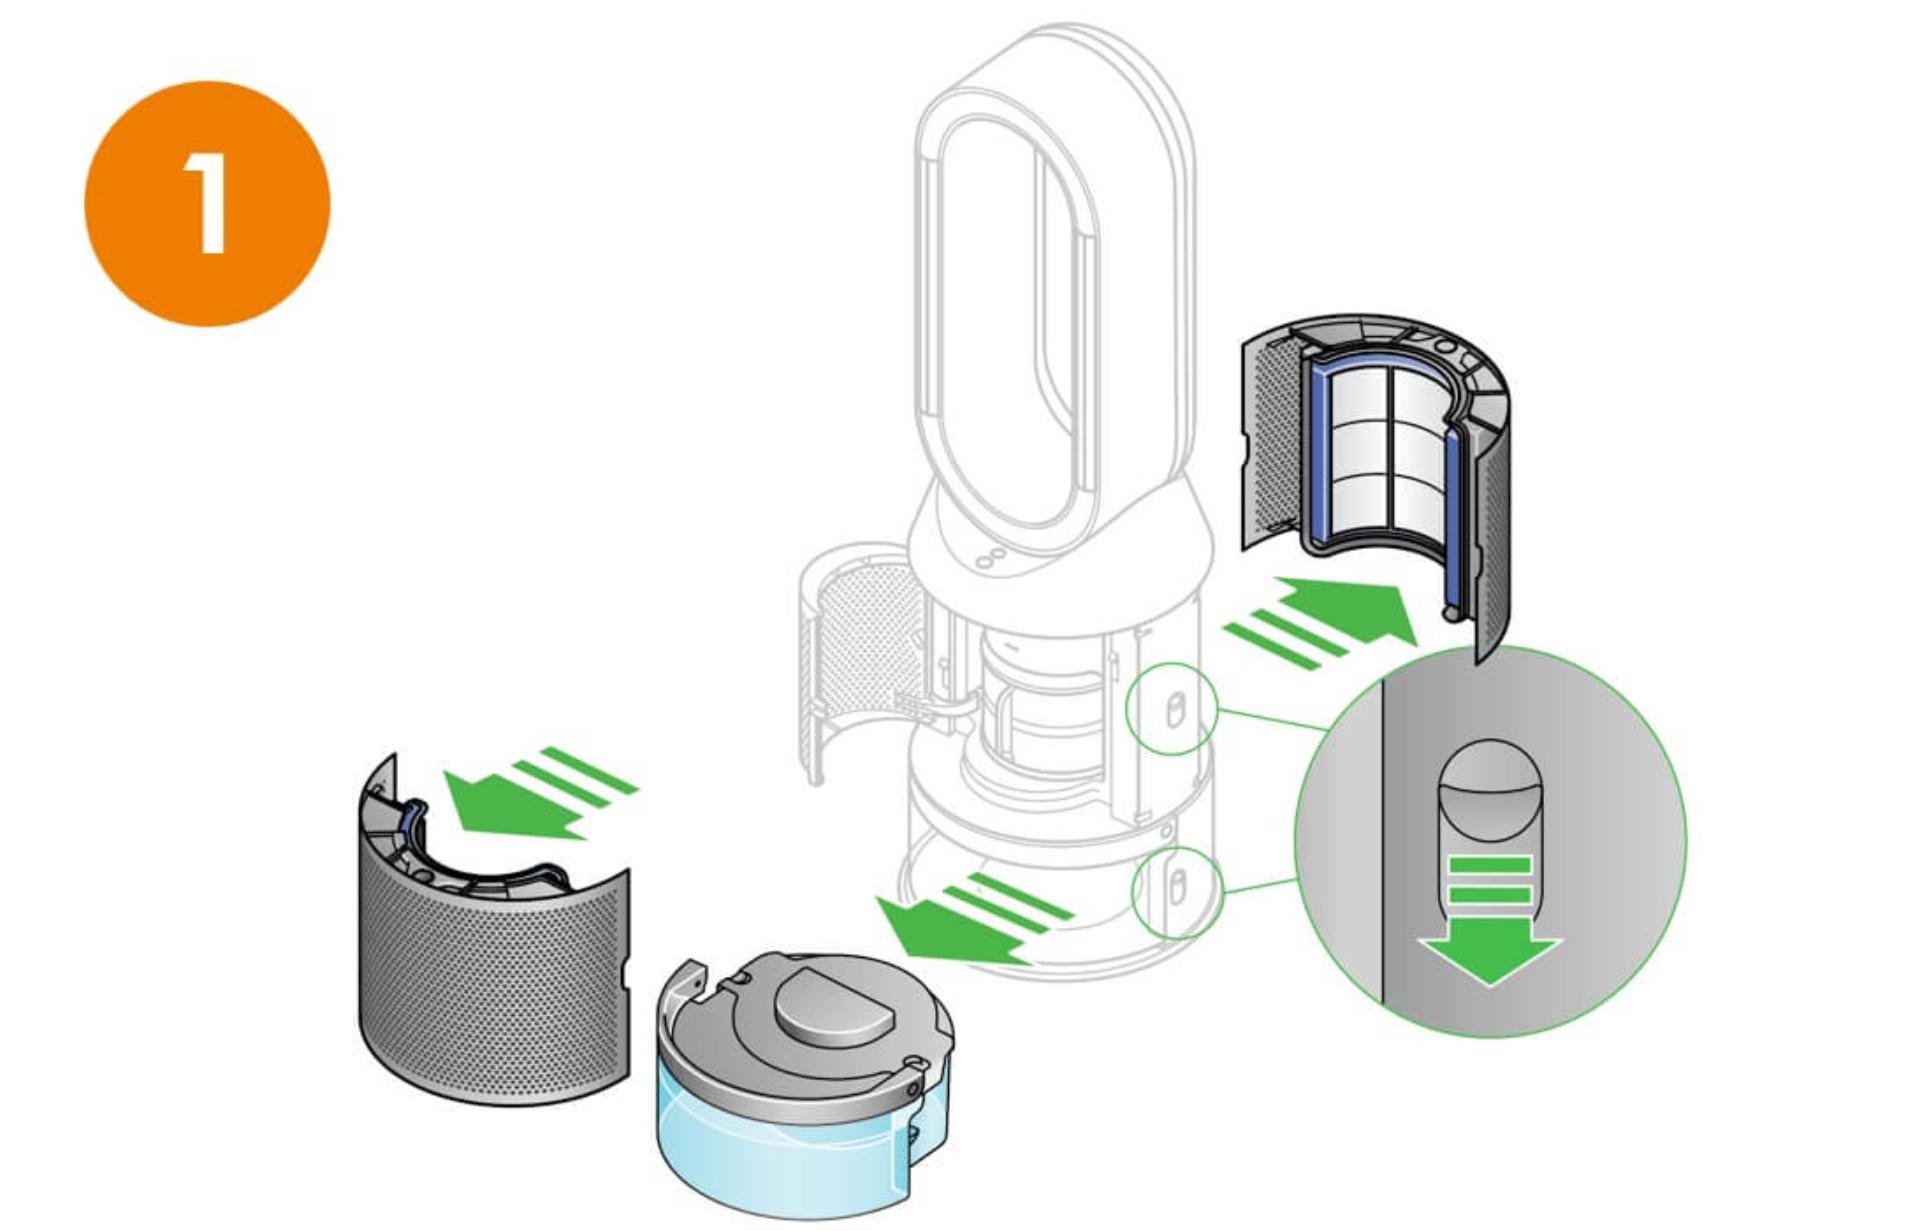 Zdejmij osłony filtrów i zbiornik na wodę